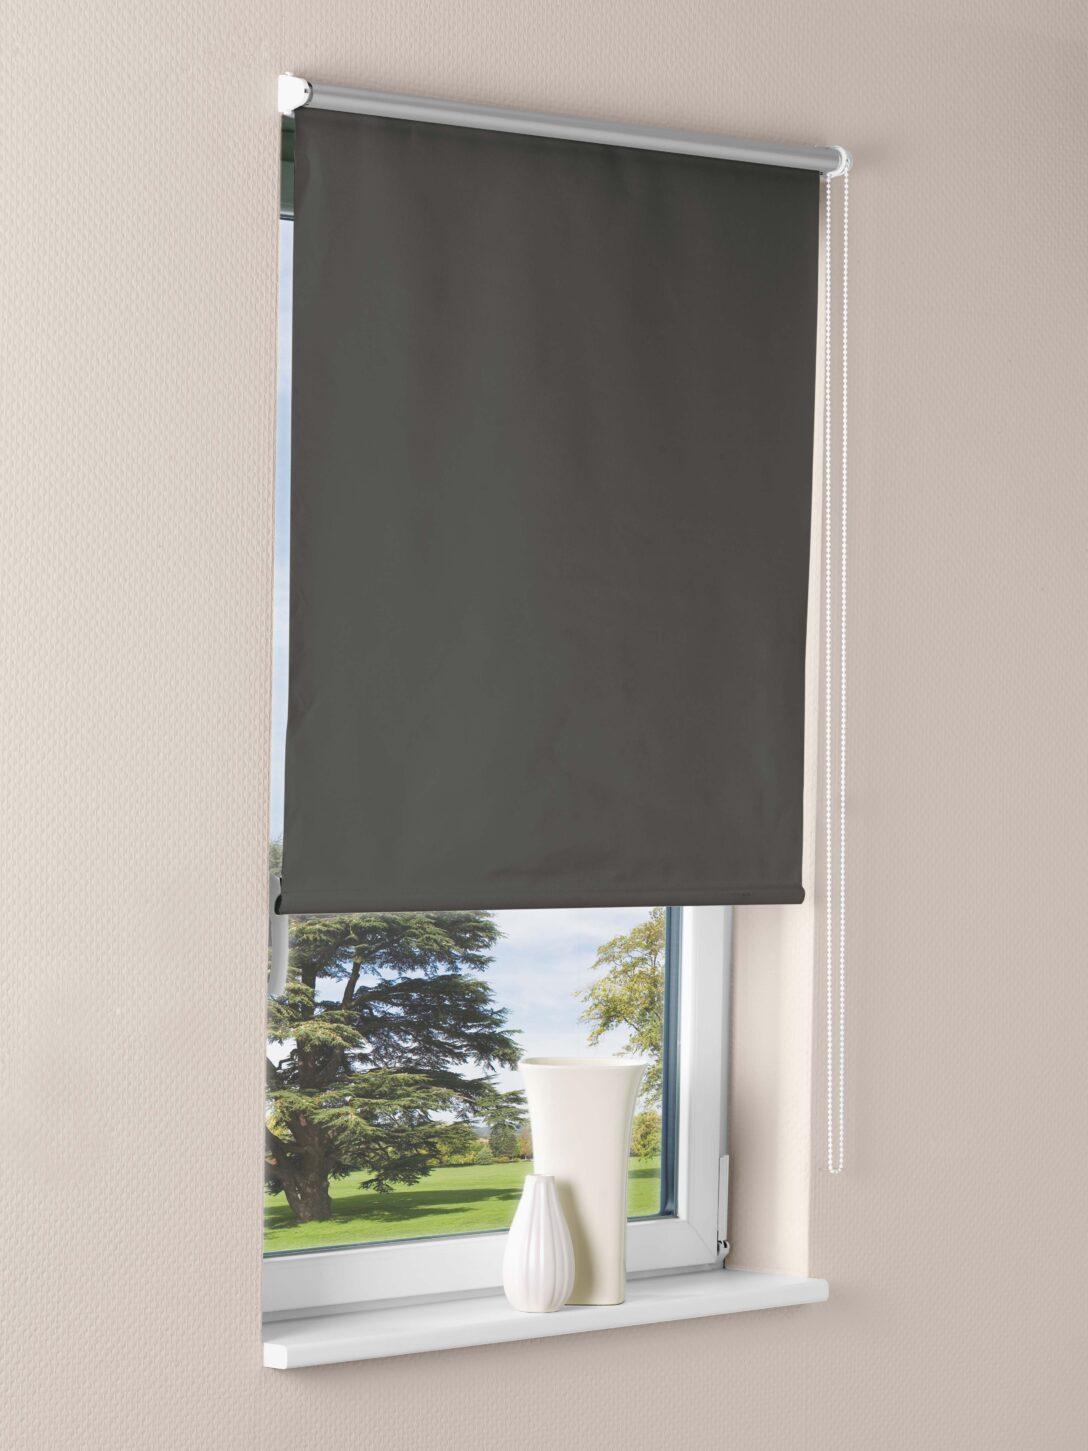 Large Size of Raffrollo Küchenfenster Rollos Und Jalousien Anbringen Tipps Tricks Obi Küche Wohnzimmer Raffrollo Küchenfenster